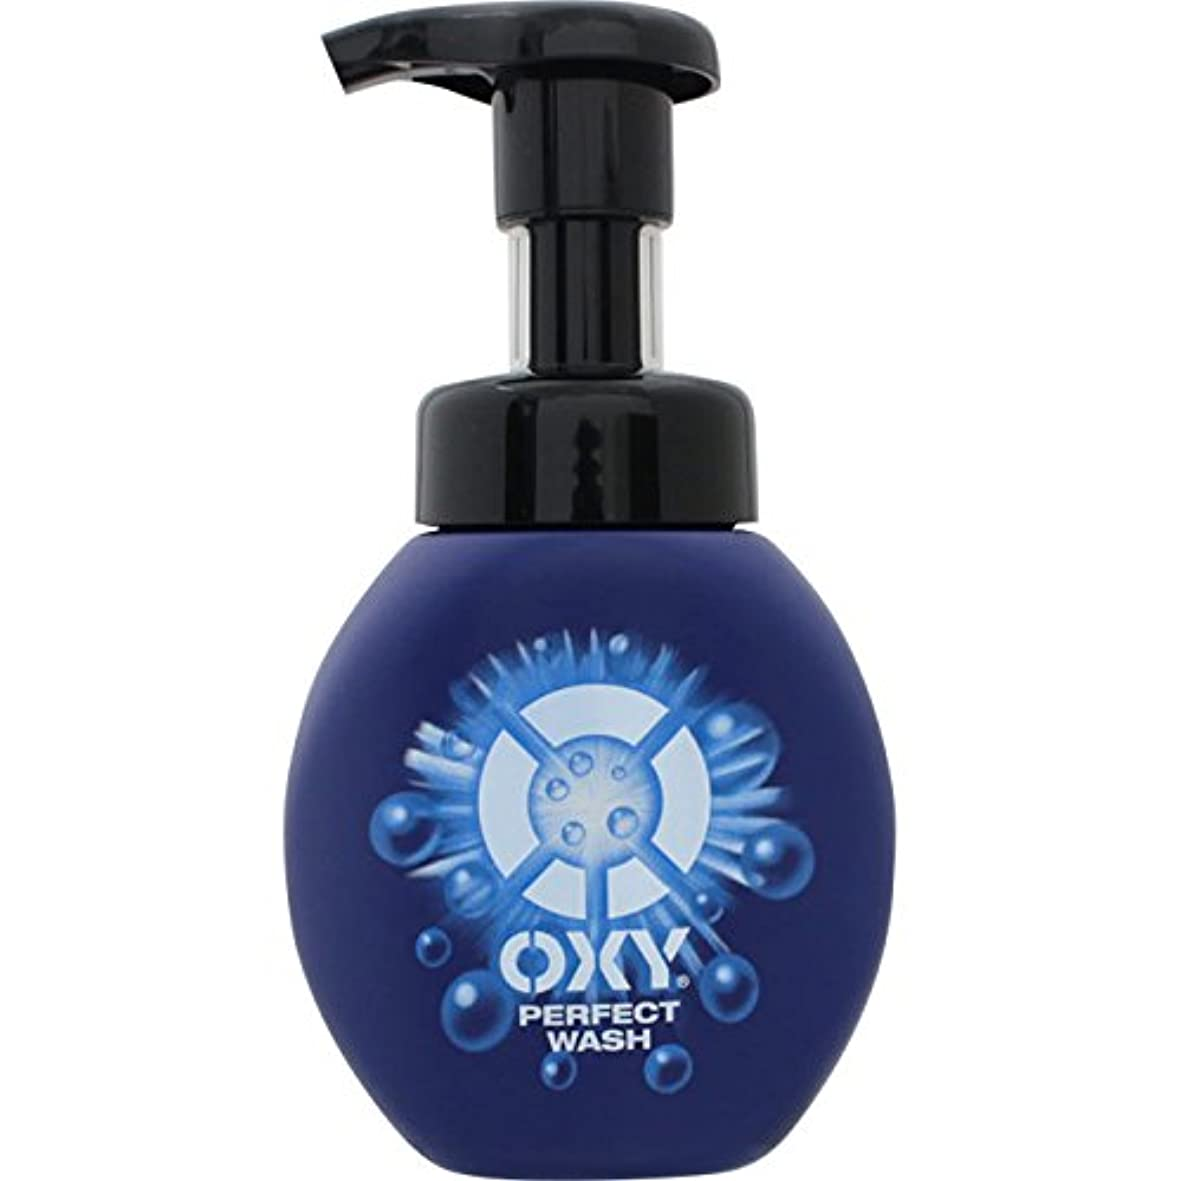 シンポジウムレンズアルカトラズ島オキシー (Oxy) パーフェクトウォッシュ 泡タイプ 洗顔料 150mL